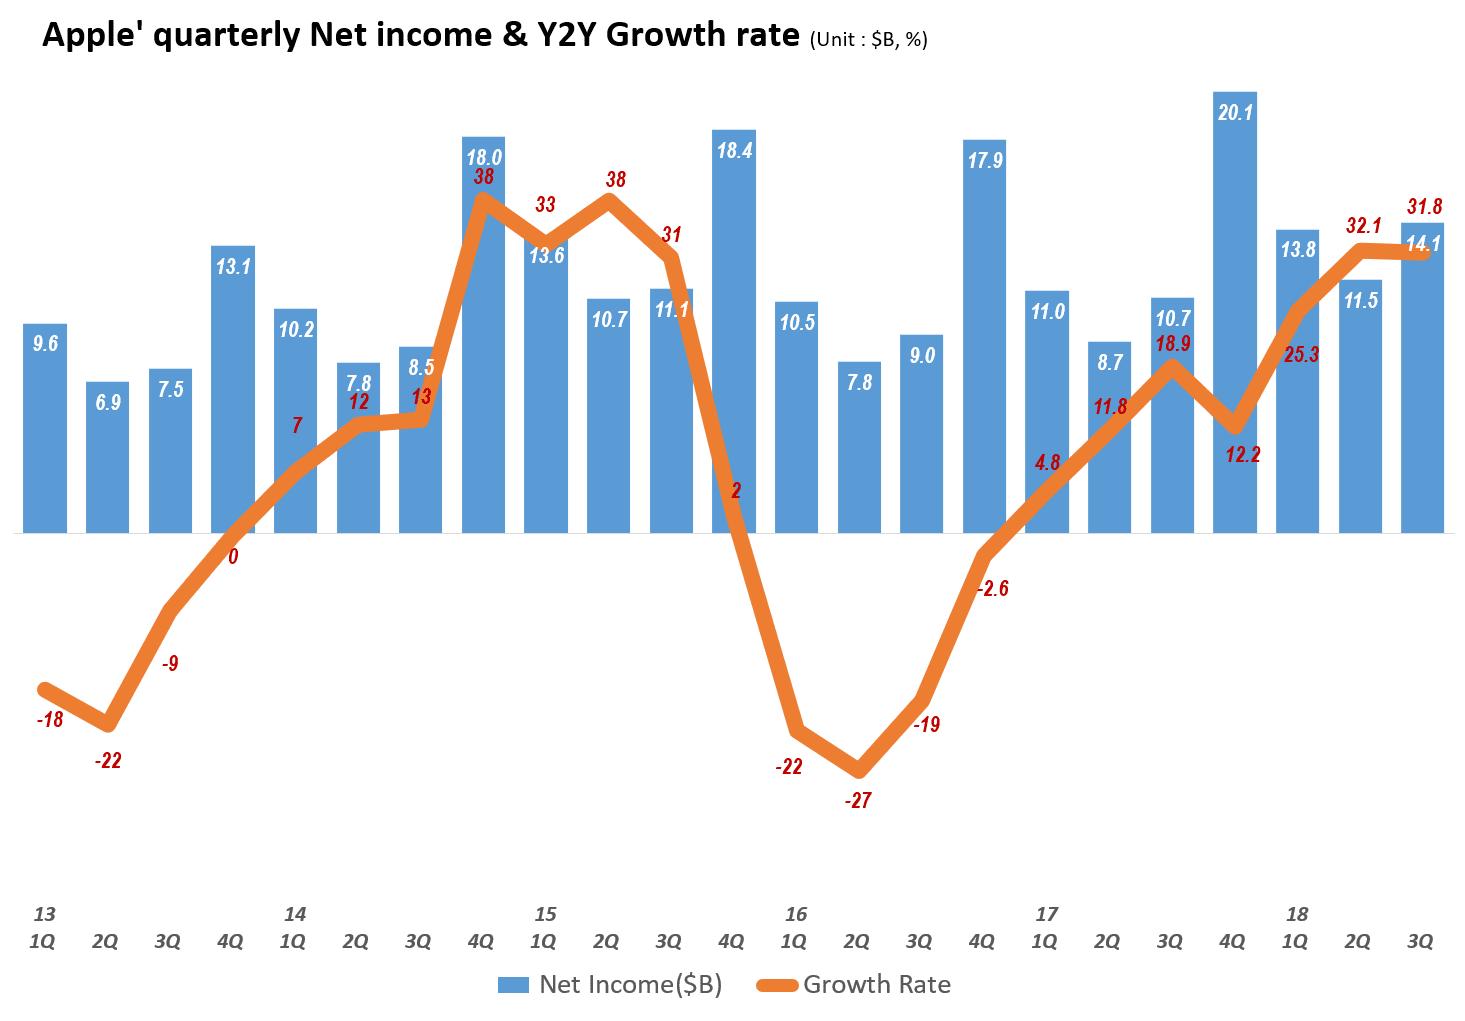 분기별 애플 순이익 및 전년 비 증가율 추이(2013년 1분기~2018년 3분기) Quarterly Apple's Net Profit & Y2Y growth rate, Graph by Happist